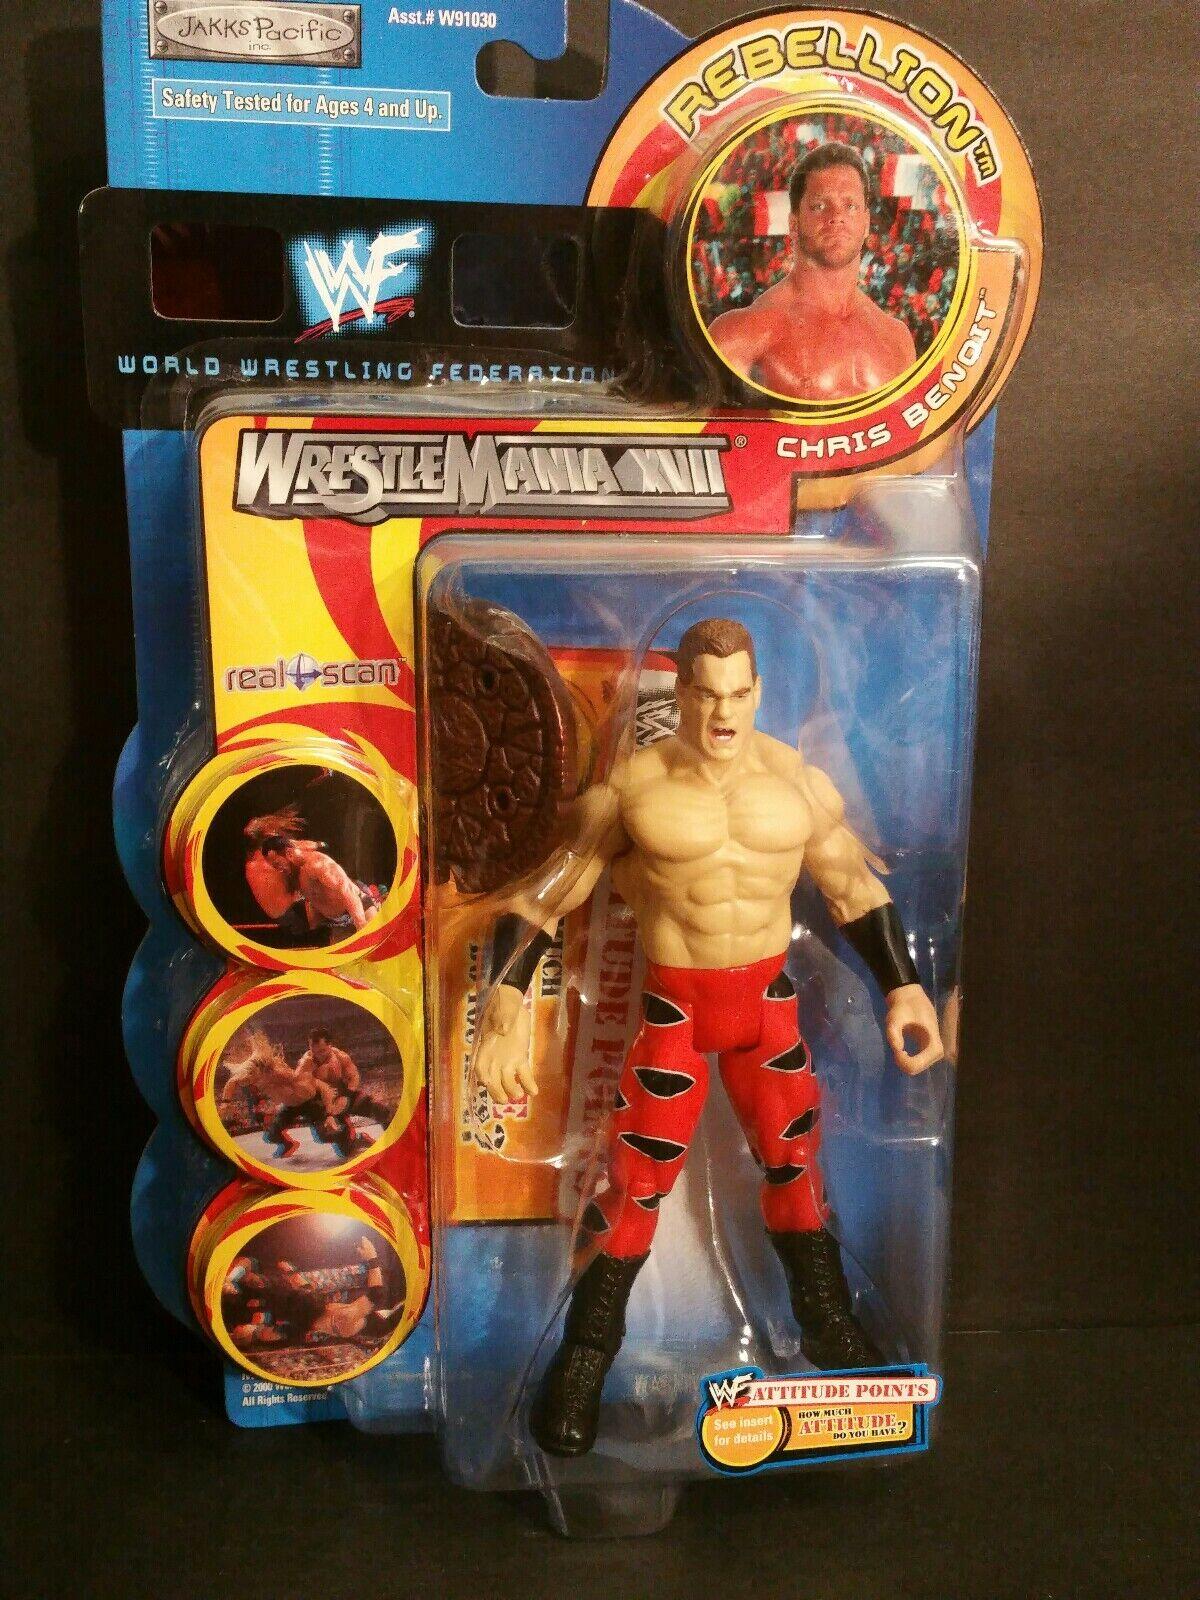 WWF LUCHA MANÍA XV11 Chris Benoit figura de acción (025)